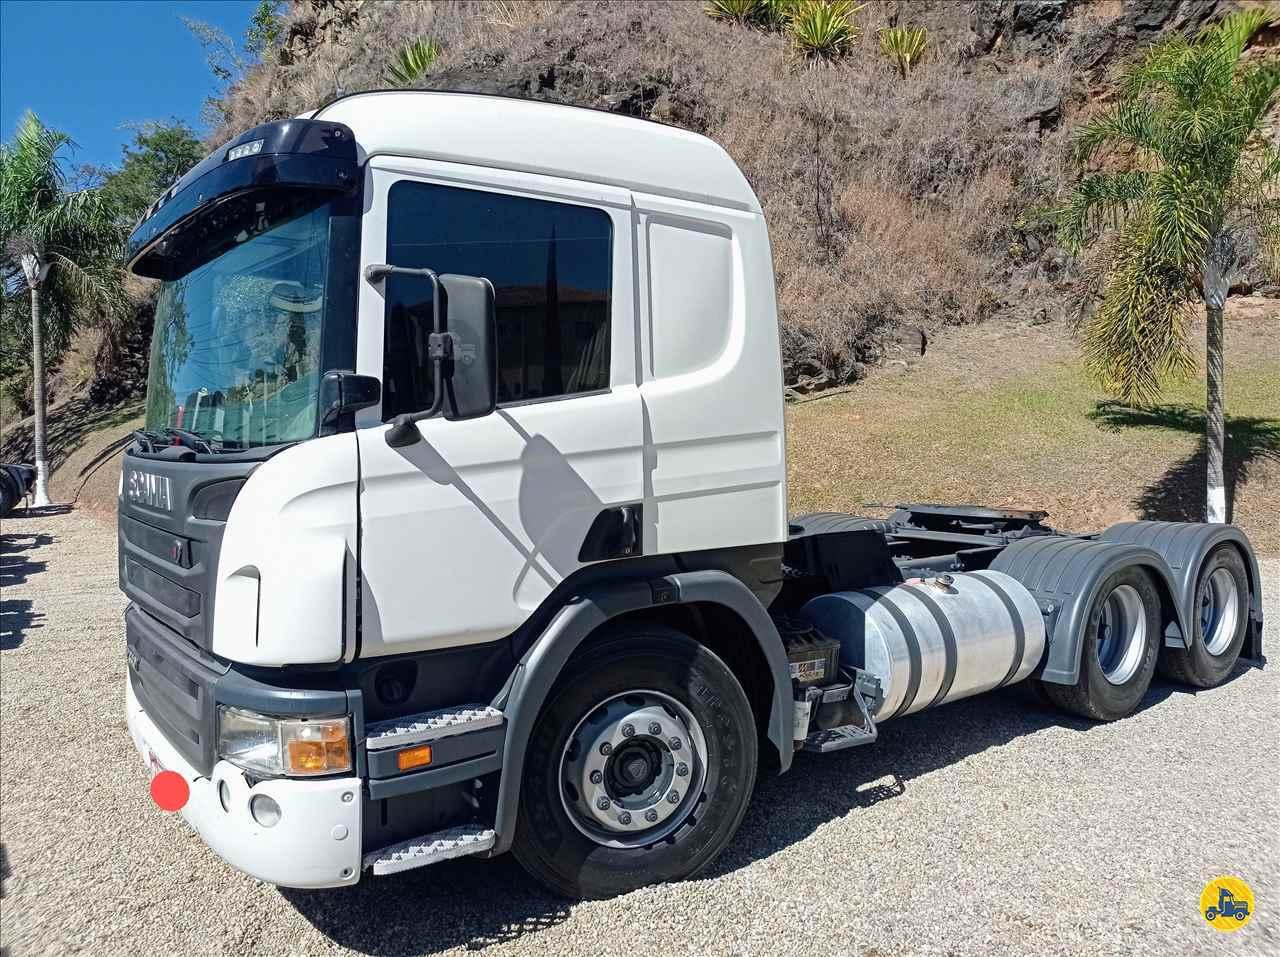 CAMINHAO SCANIA SCANIA P340 Cavalo Mecânico Truck 6x2 Fubá Caminhões ITAJUBA MINAS GERAIS MG